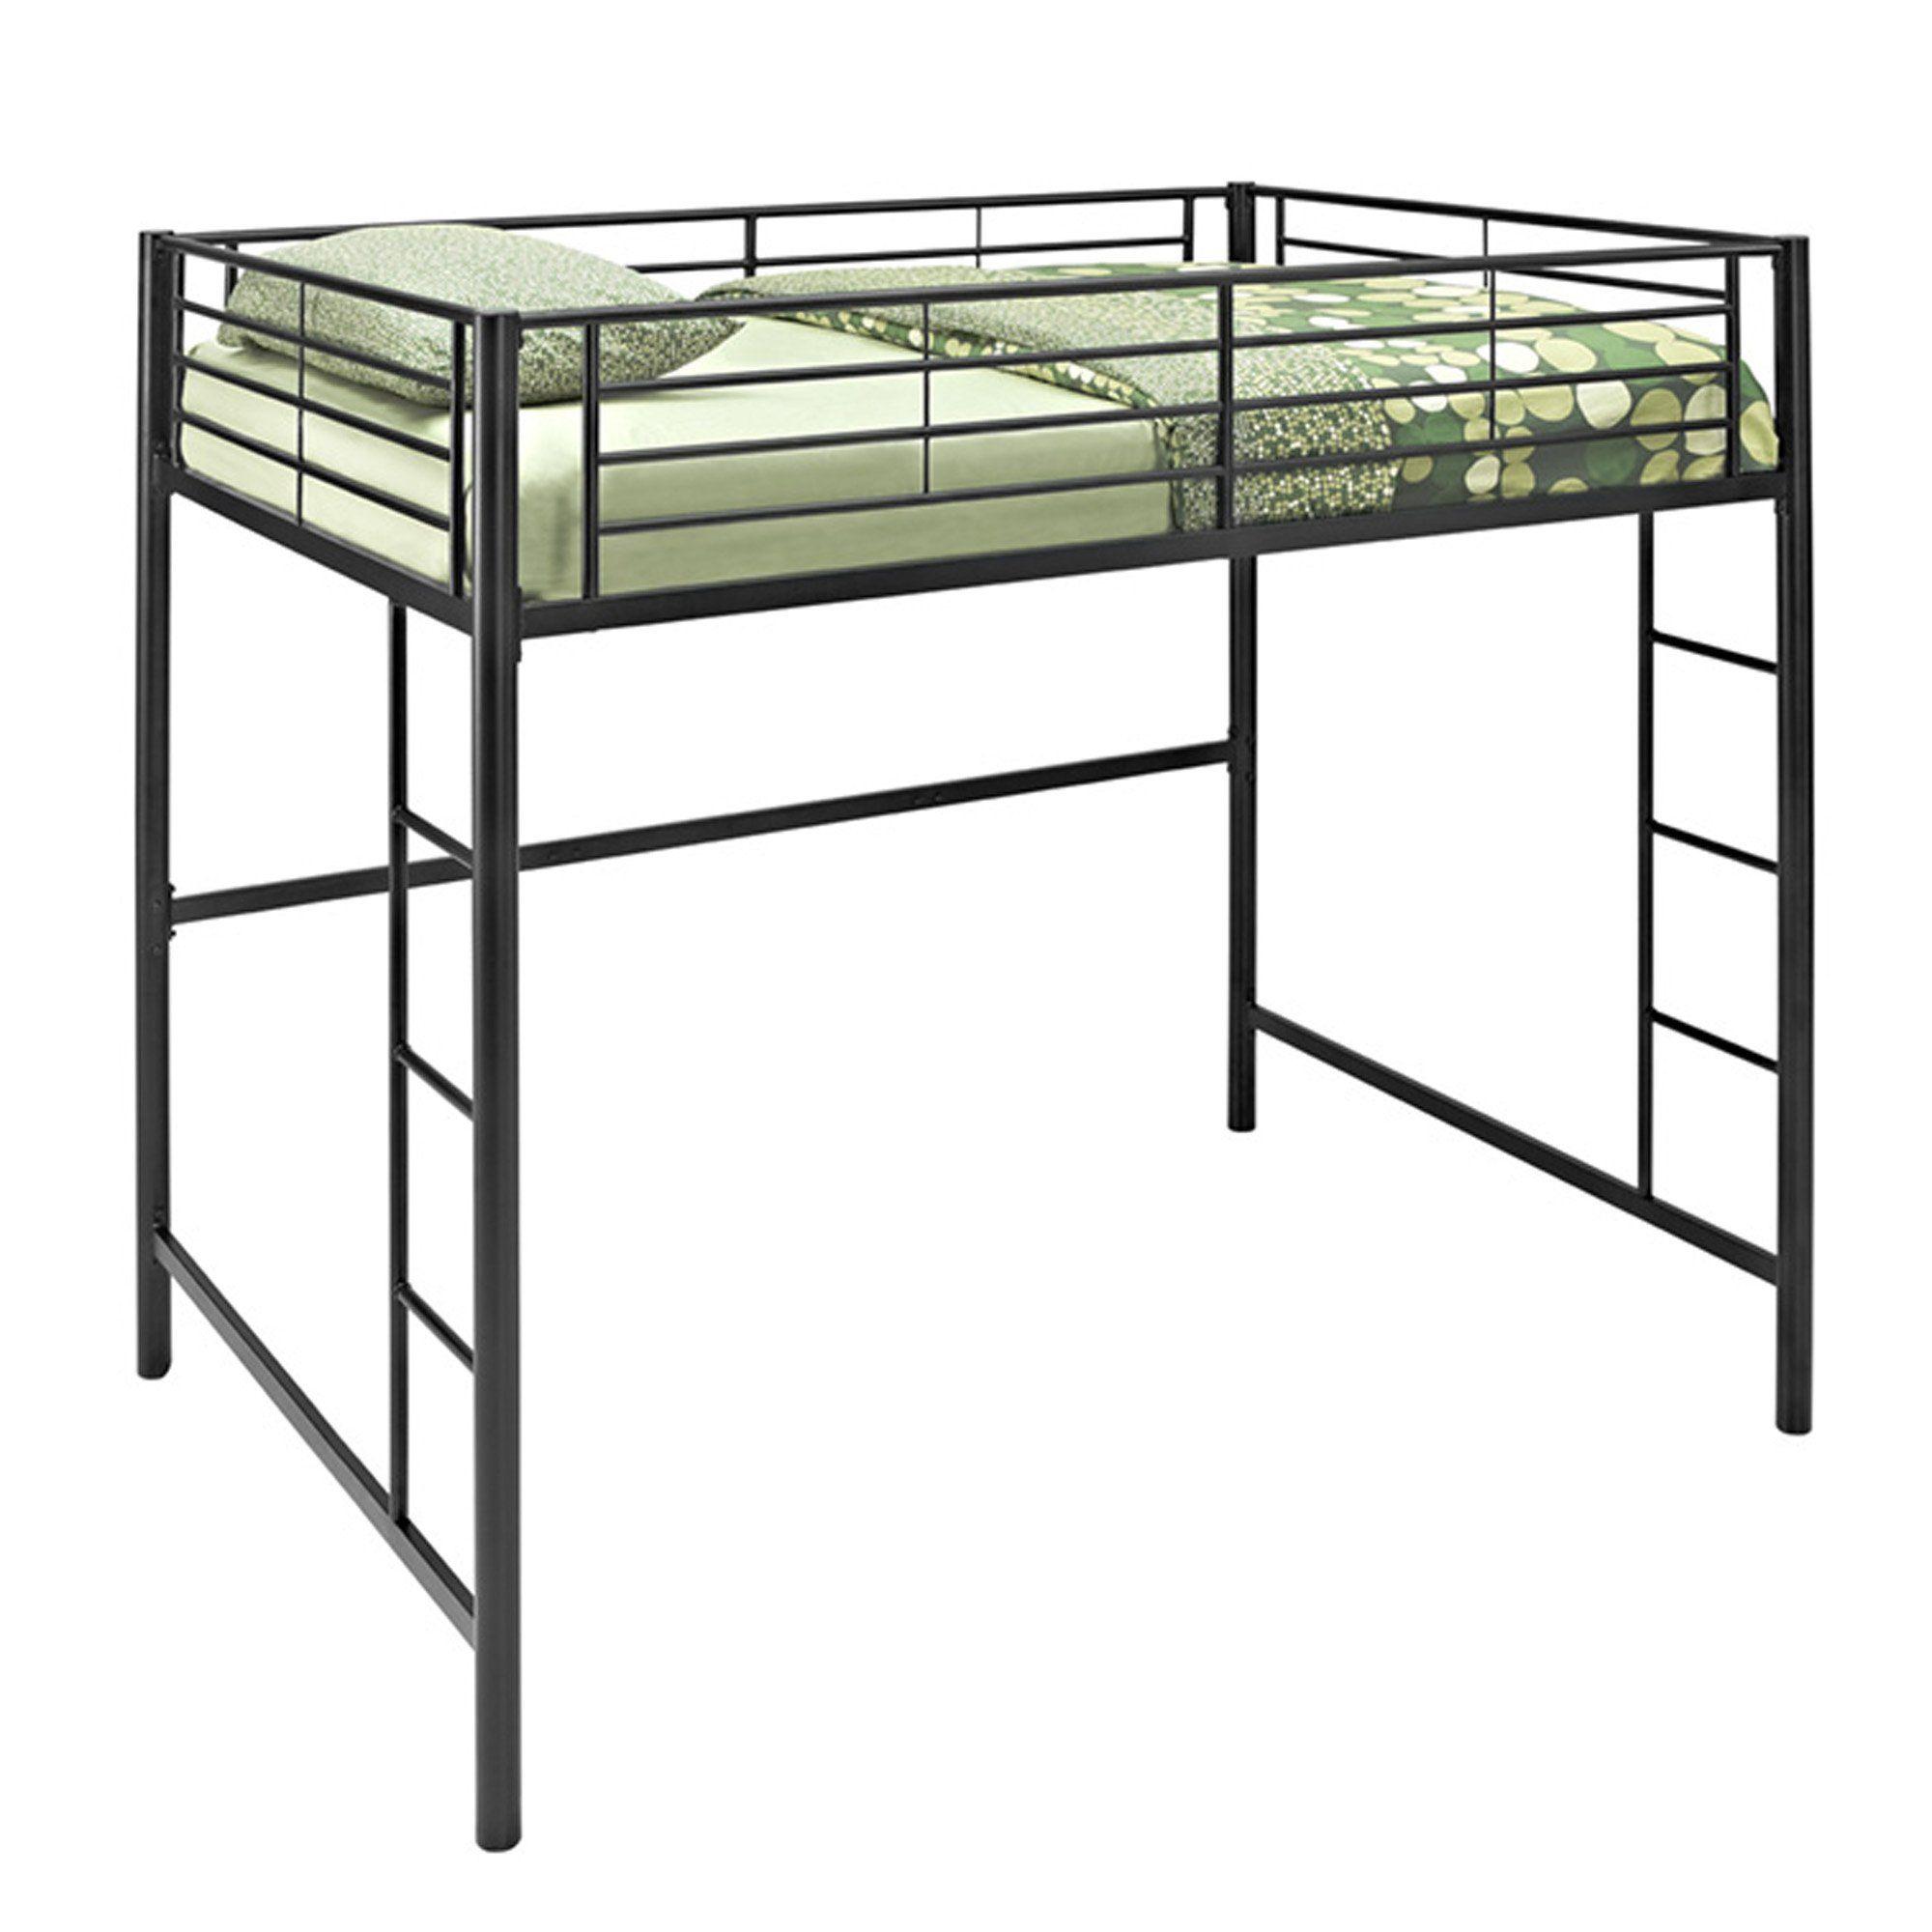 WE Furniture Loft Bunk Bed, Full, Metal Black